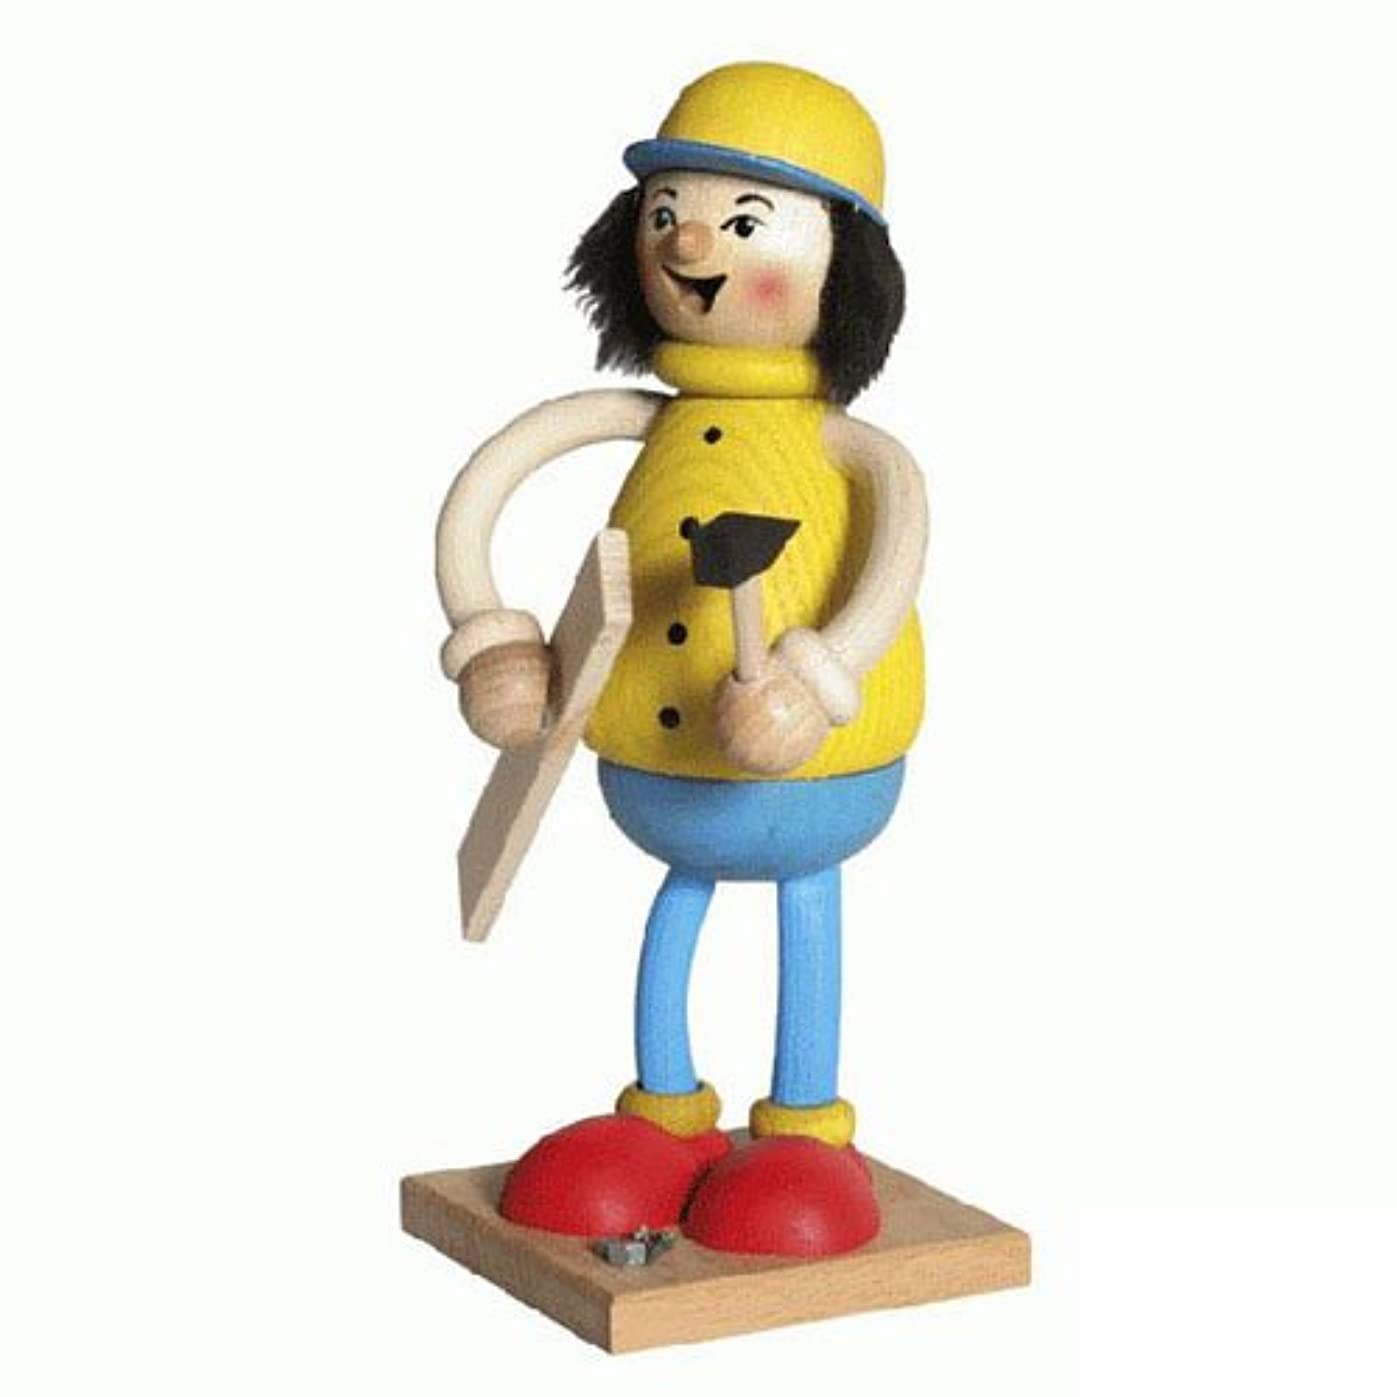 めまい抗議私39096 Kuhnert(クーネルト) ミニパイプ人形香炉 DIY